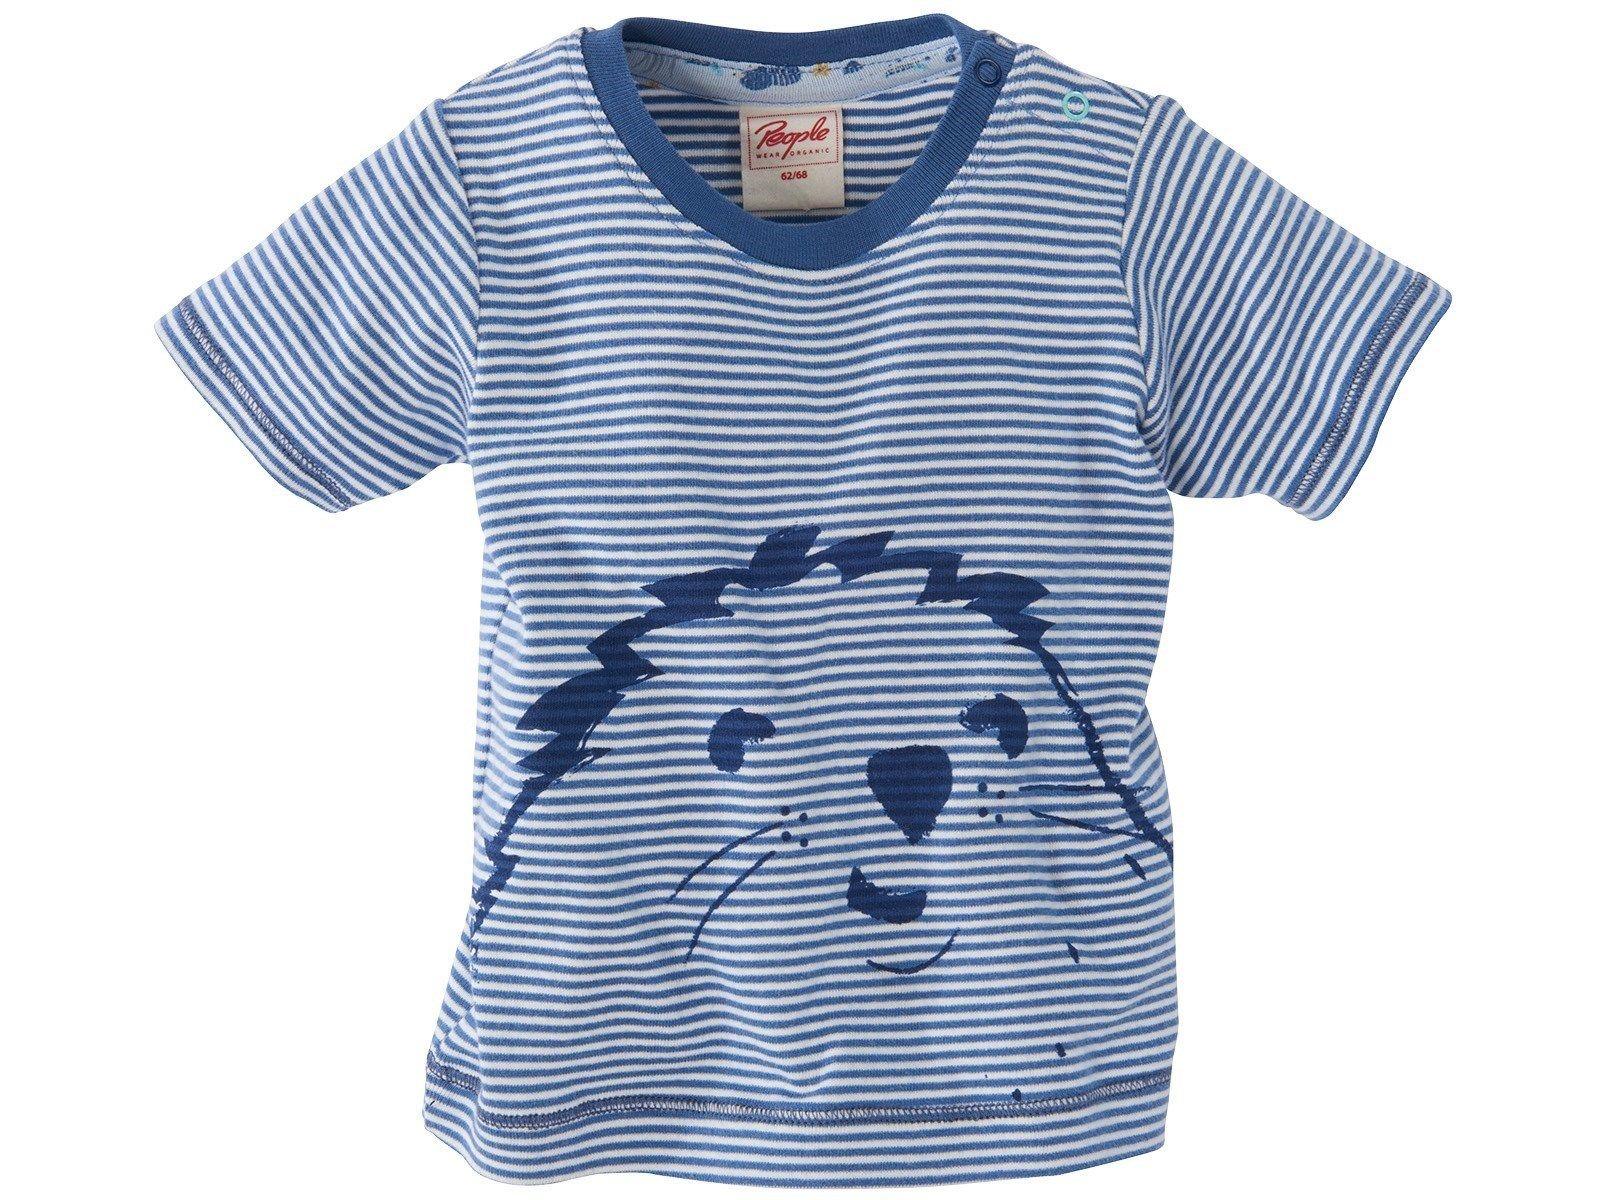 Baby Und Kinder T Shirt Maulwurf Blau Geringelt Von People Wear Organic Gr 62 68 Kinder Kleidung Shirts Kinder T Shirt